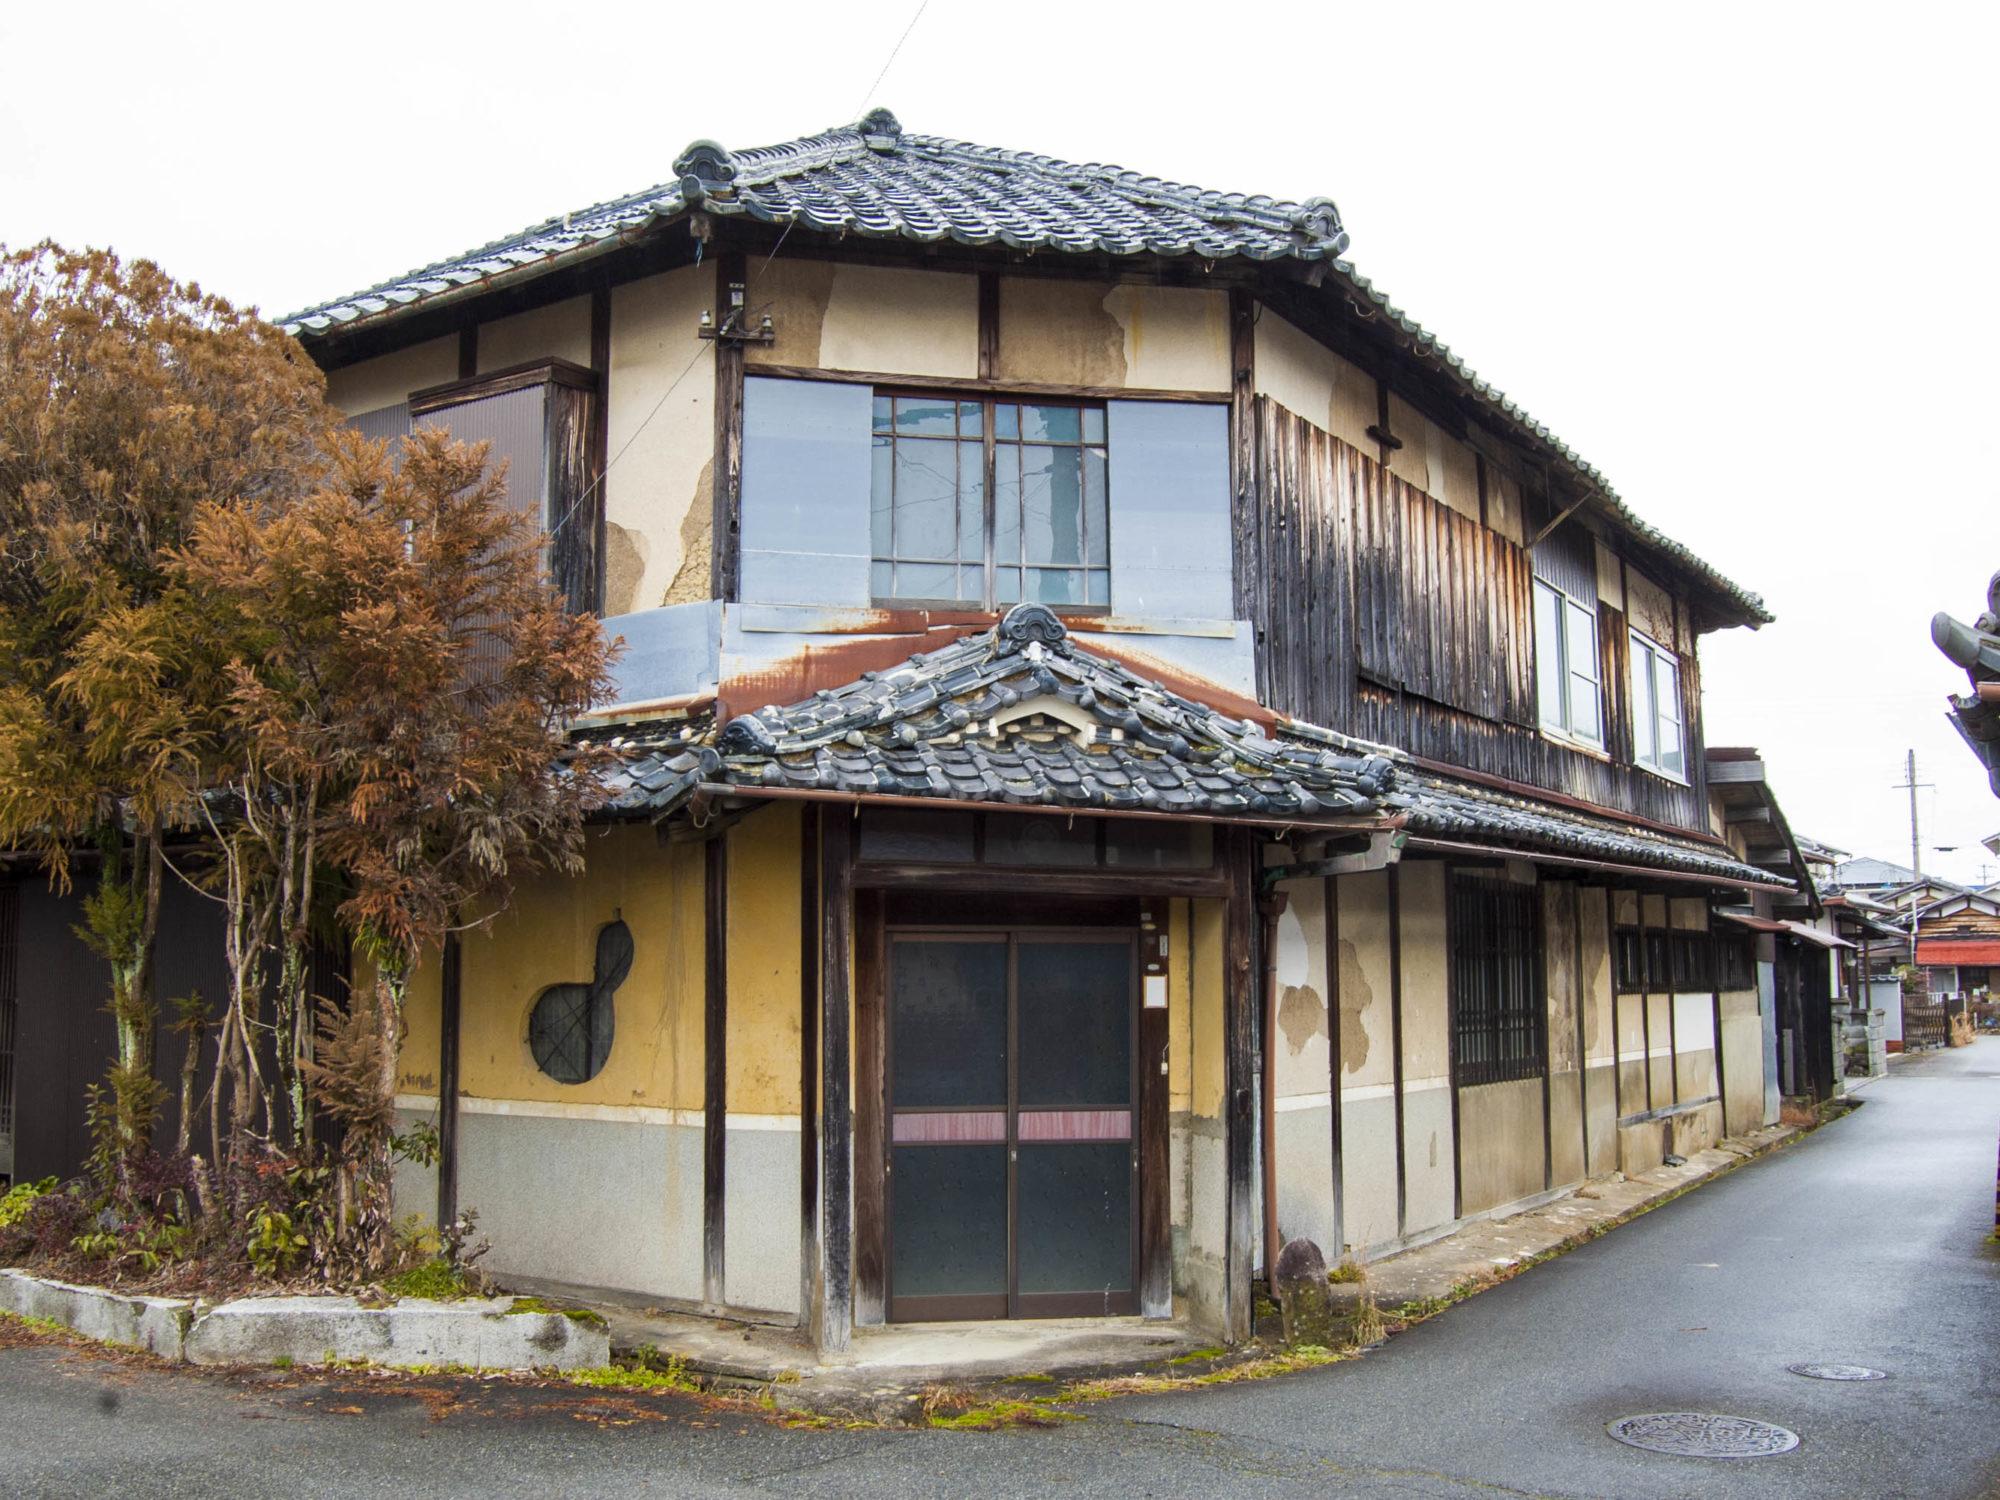 Vụ án mạng ở phim có cảnh nóng thật 100% xứ Nhật: Kỹ nữ giết tình nhân rồi cắt lìa một bộ phận, động cơ và số năm tù gây tranh cãi kịch liệt - Ảnh 5.